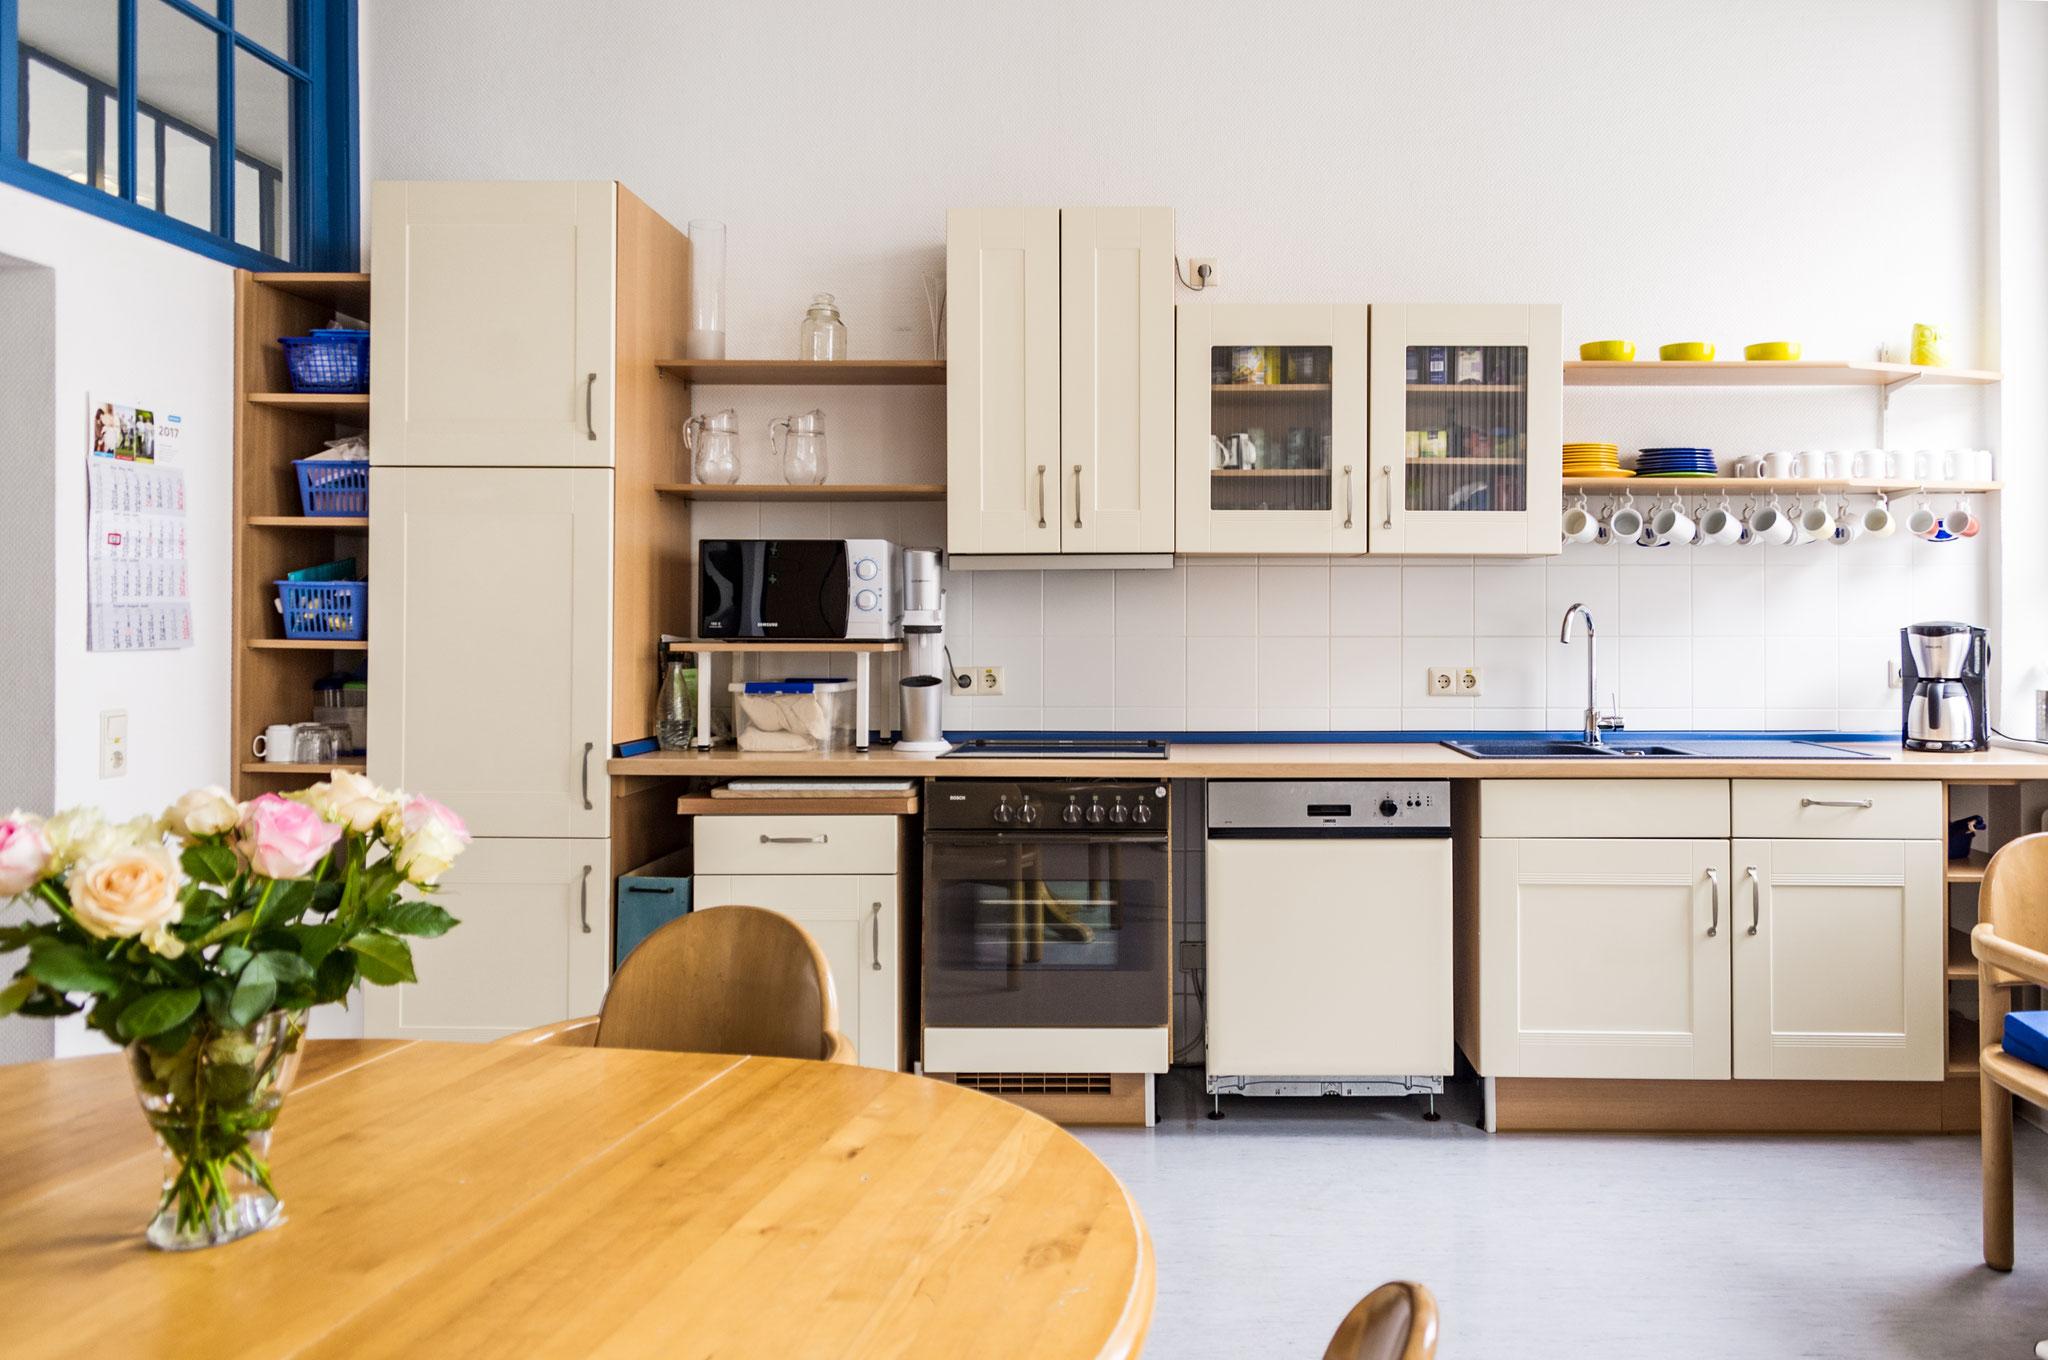 Patientenküche